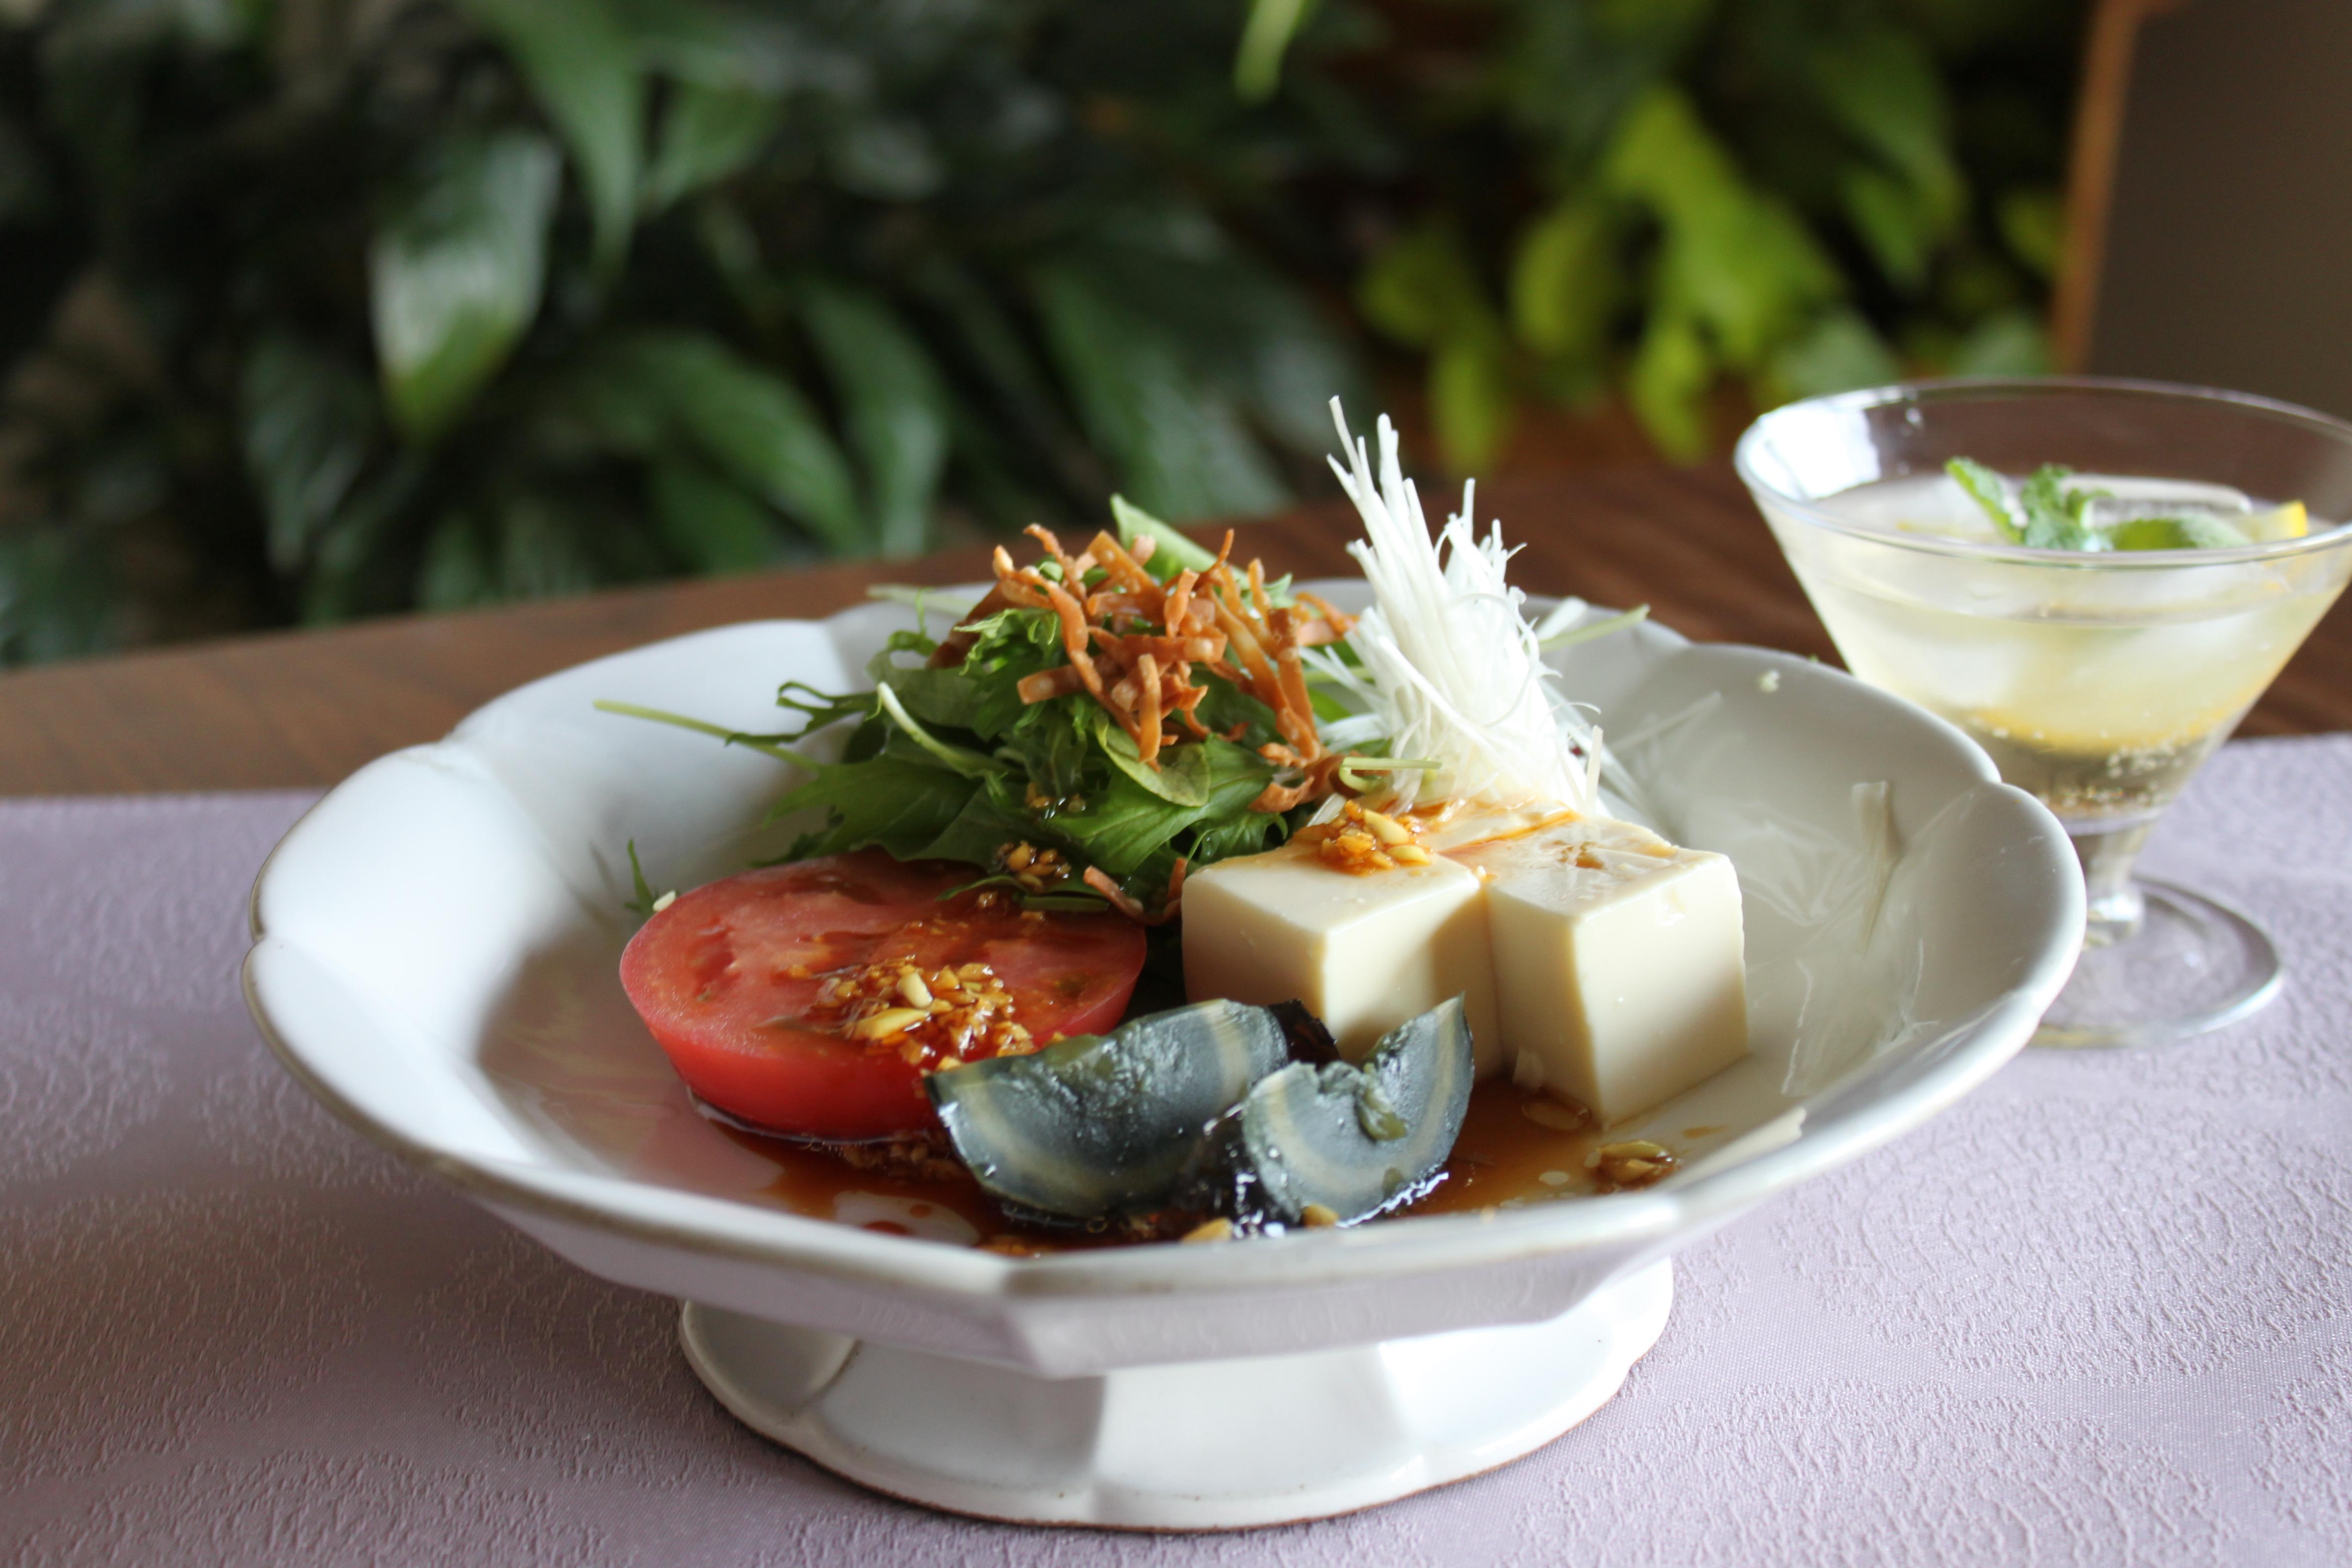 ピータンと豆腐の中華風サラダ&杏露酒ソーダー